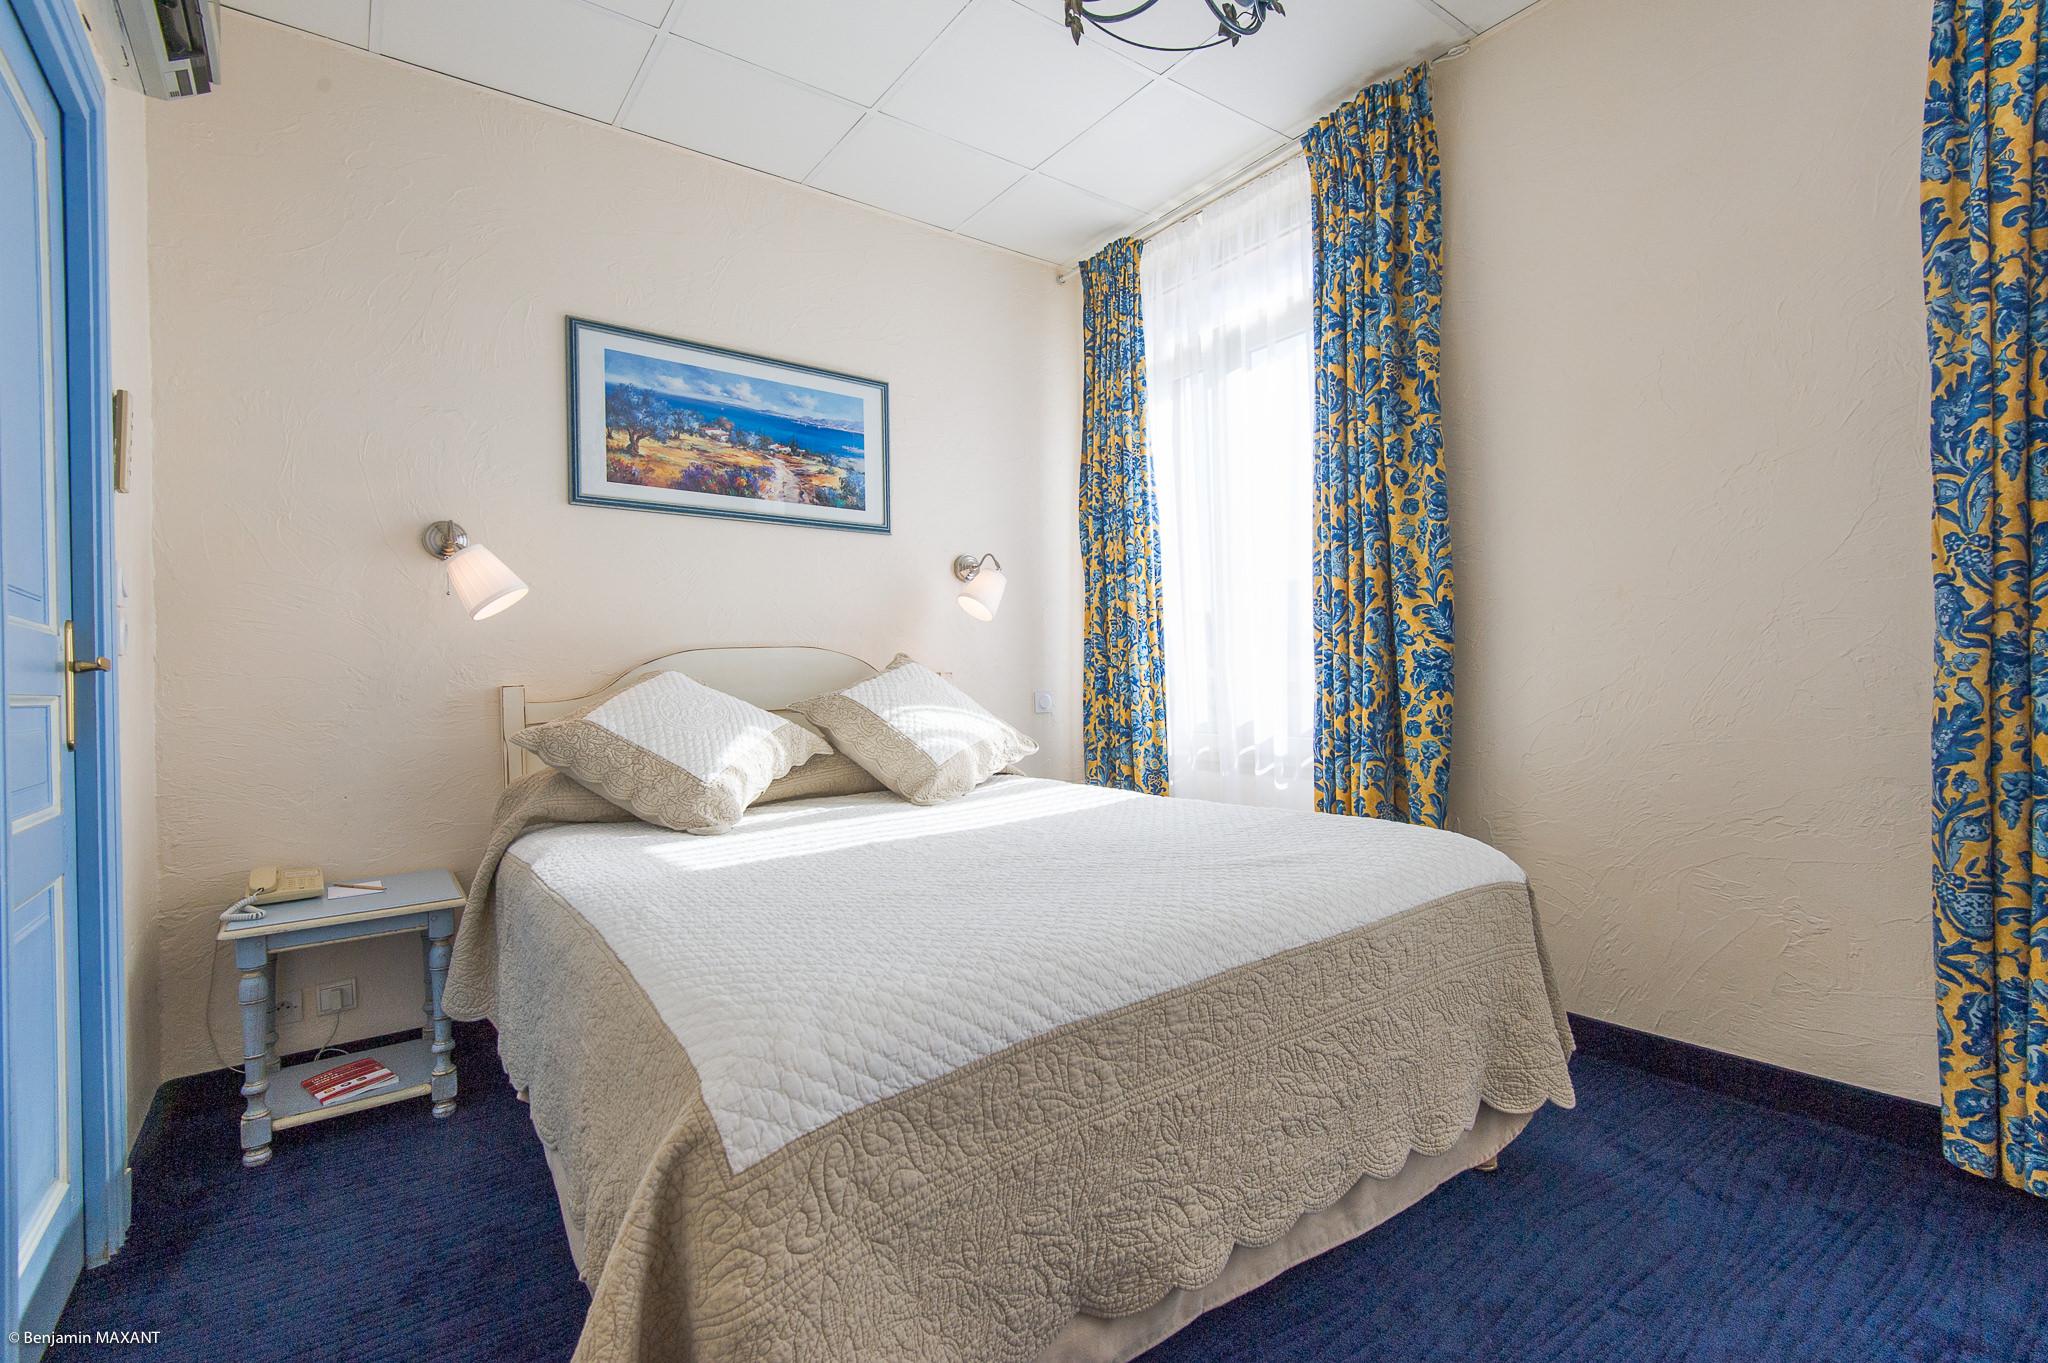 reportage photo immobilier de l'Hôtel lLes Orangers à Cannes - première chambre